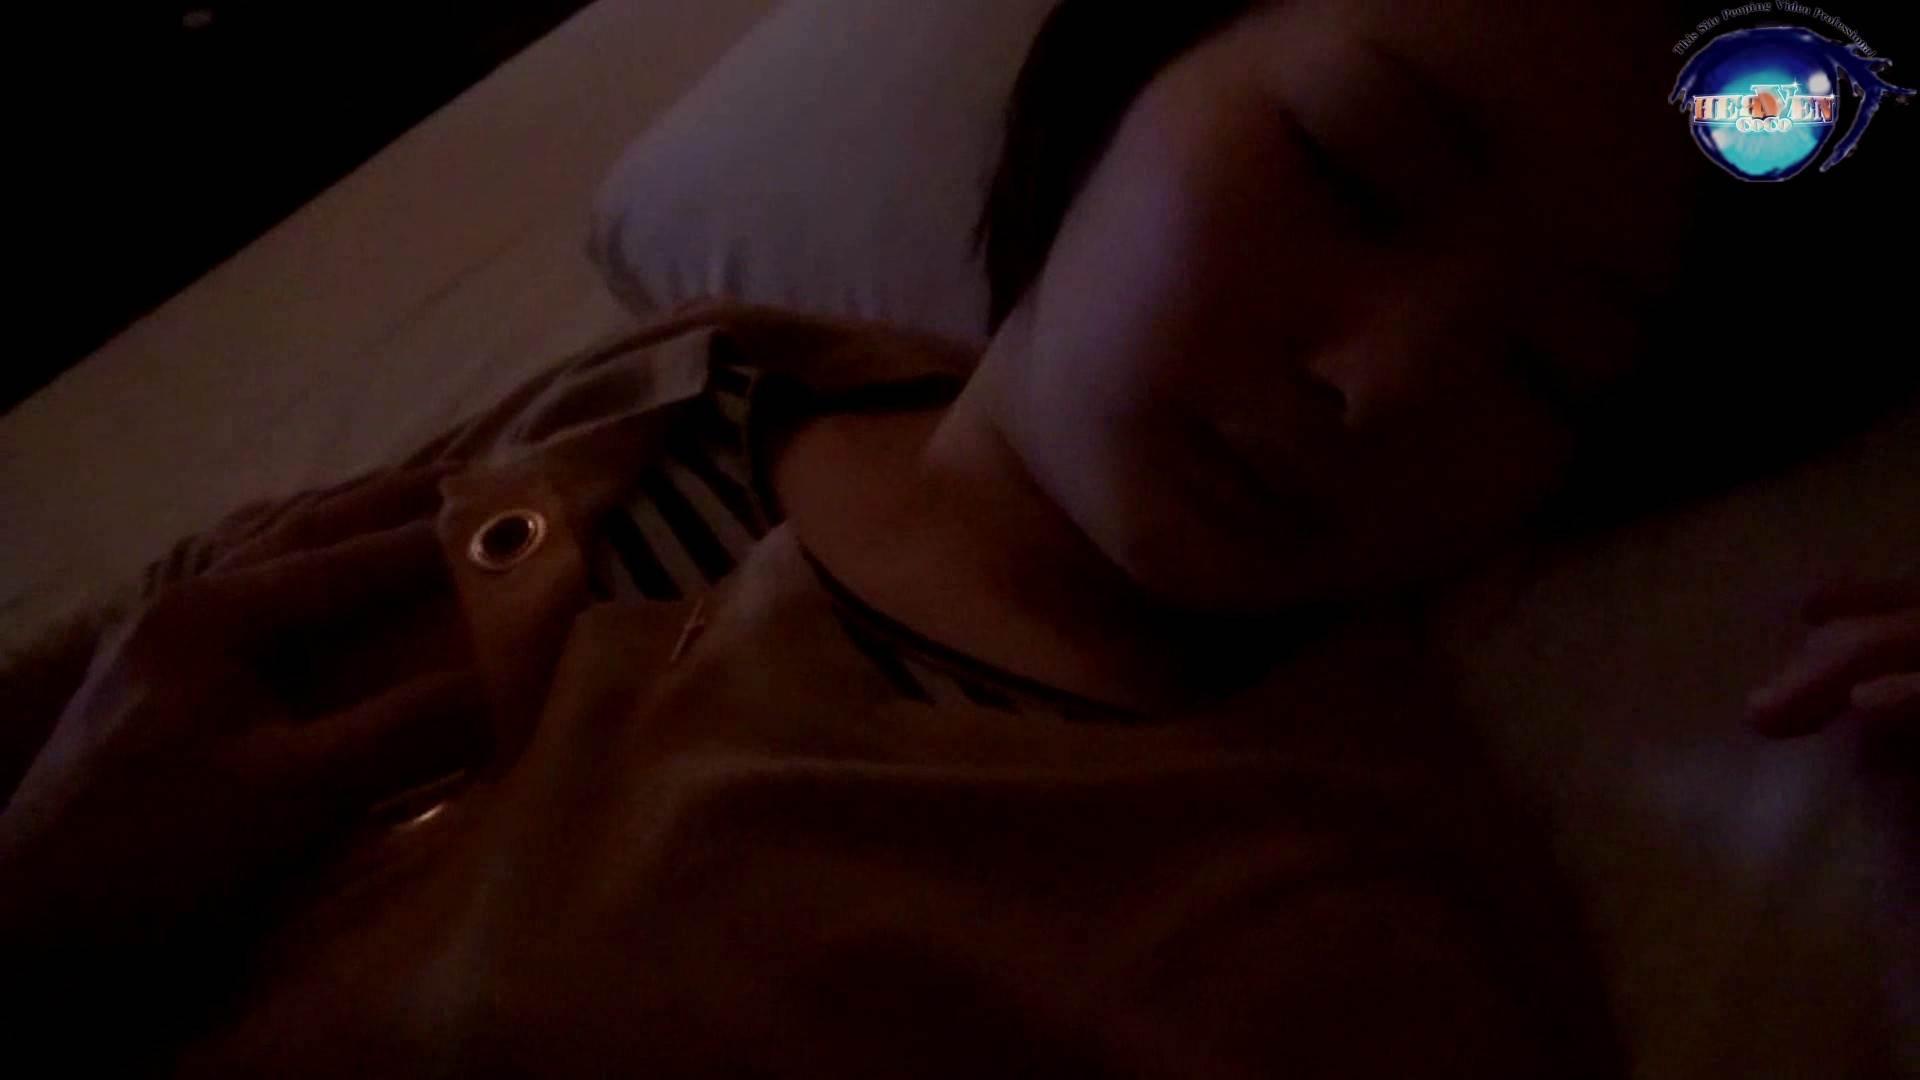 睡魔 シュウライ 第参壱話 前半 女子大生のエロ動画   イタズラ動画  94PIX 47